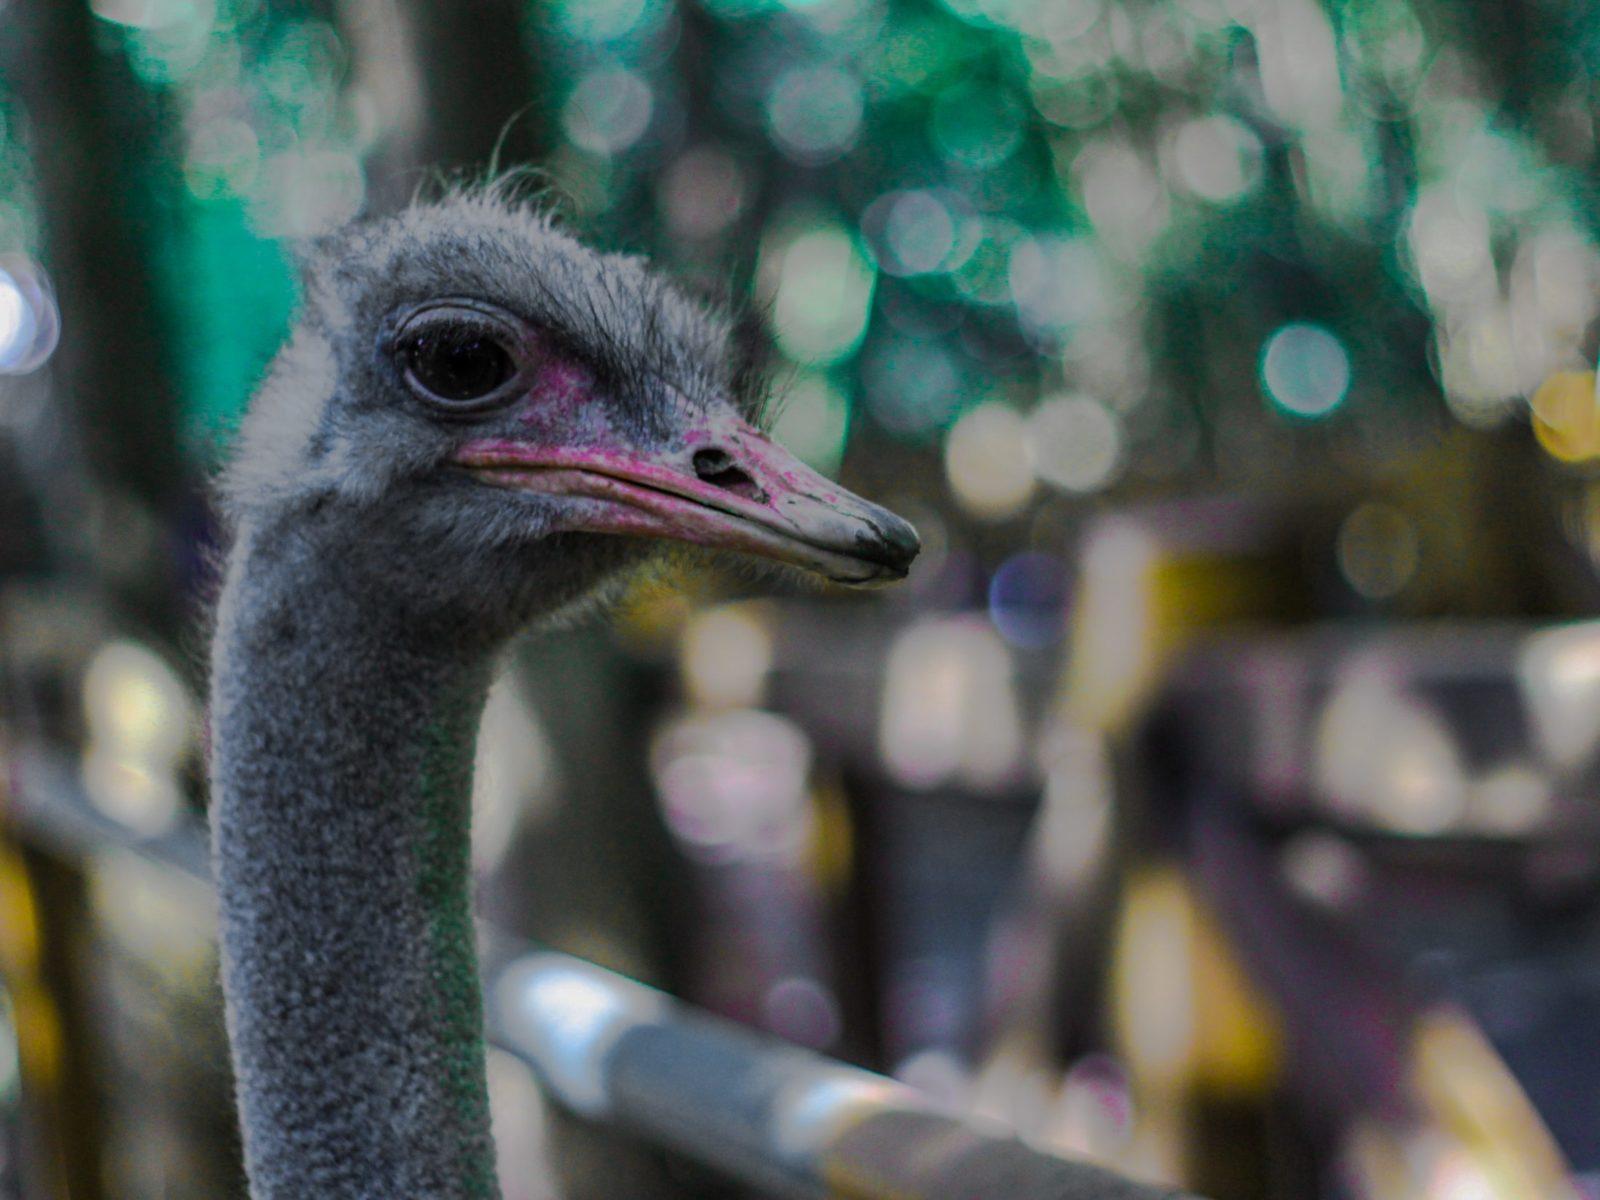 Sonhar com avestruz representa procura pela verdade.